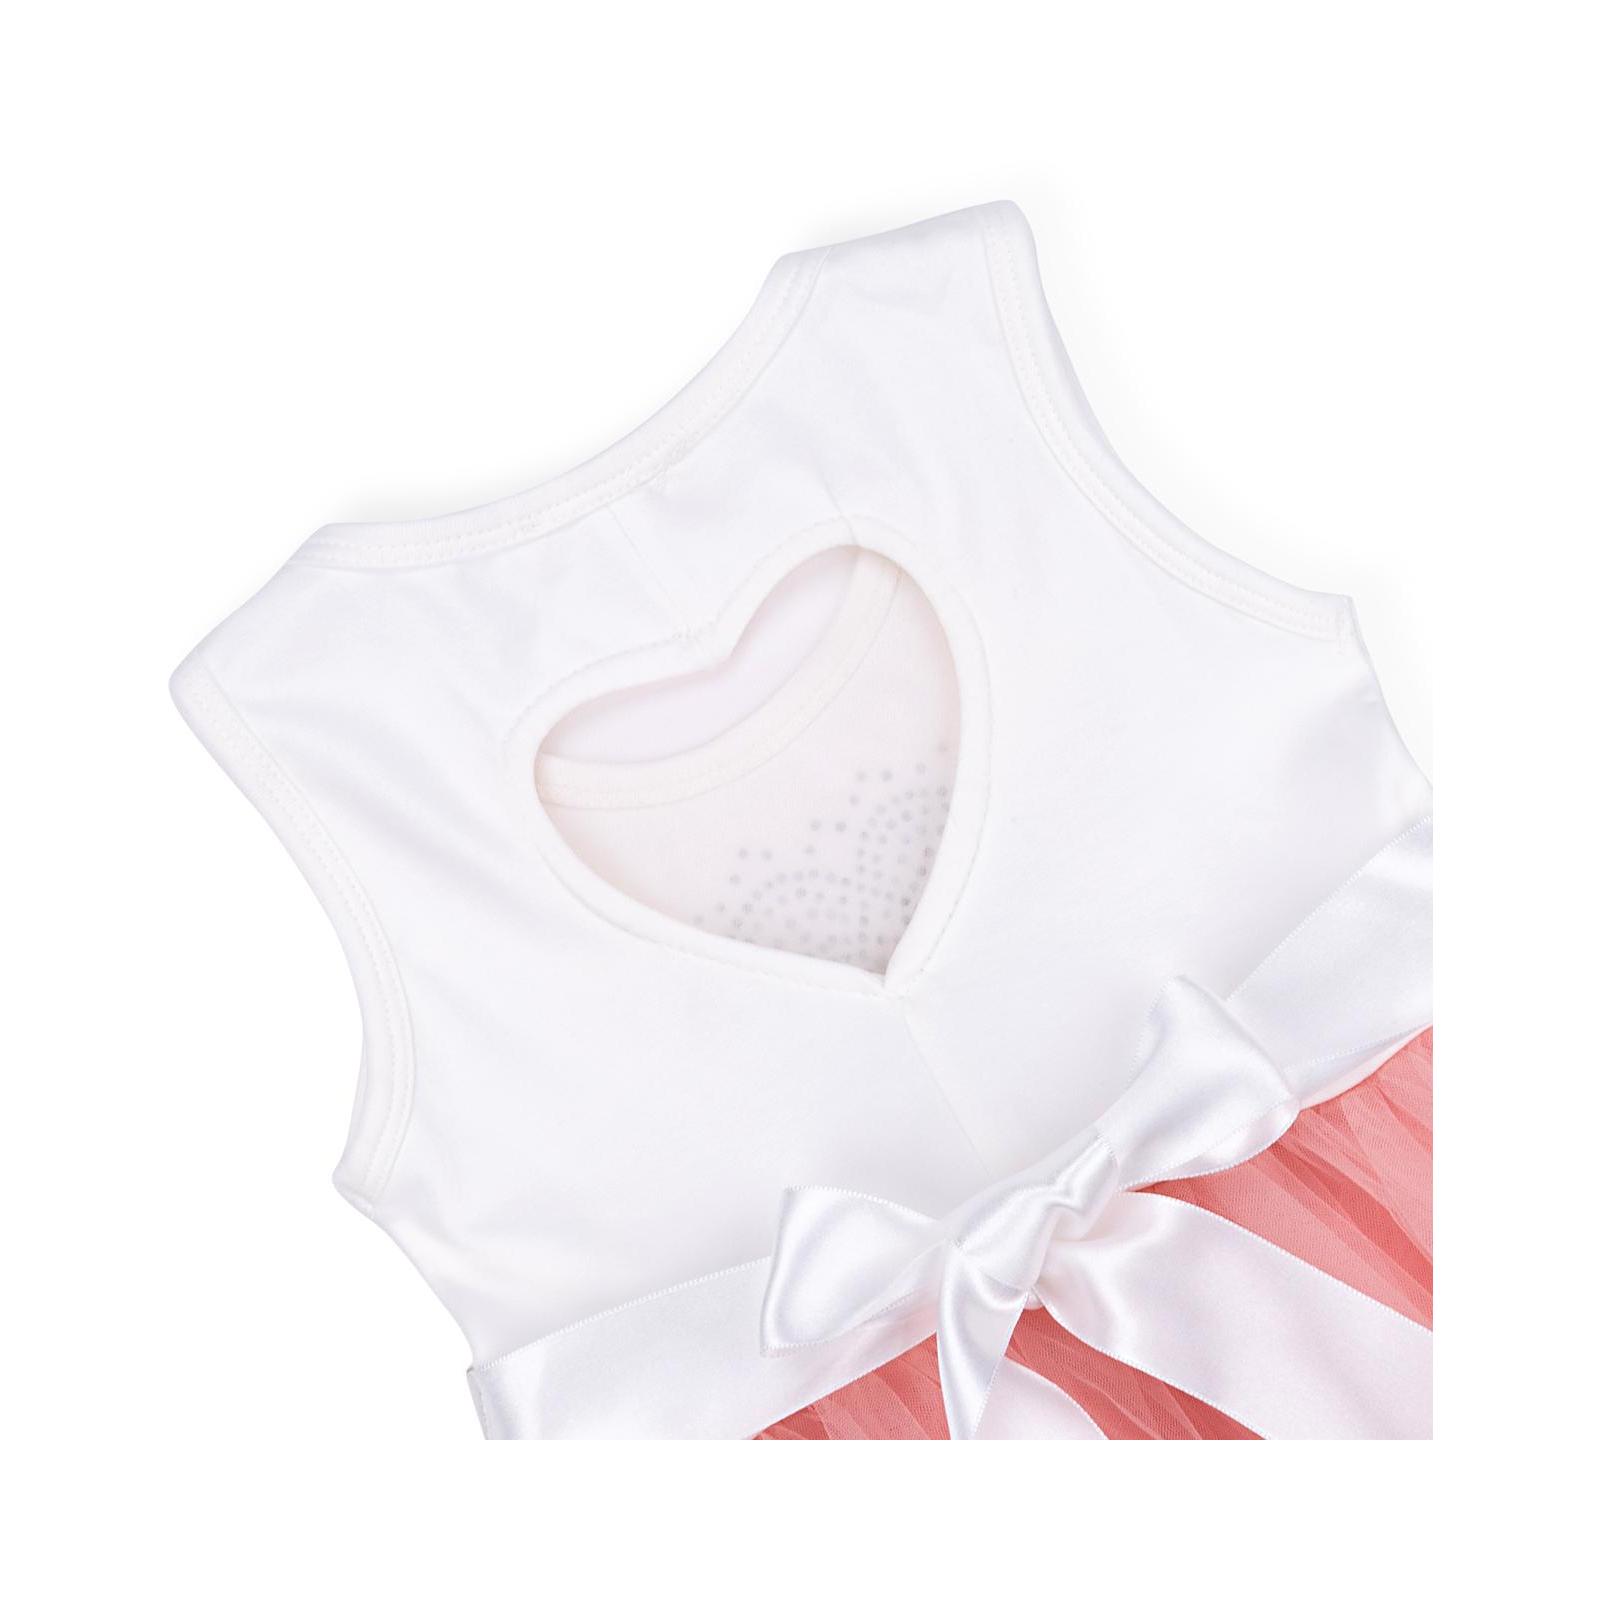 Платье Breeze сарафан с фатиновой юбкой и сердцем (10862-128G-peach) изображение 4